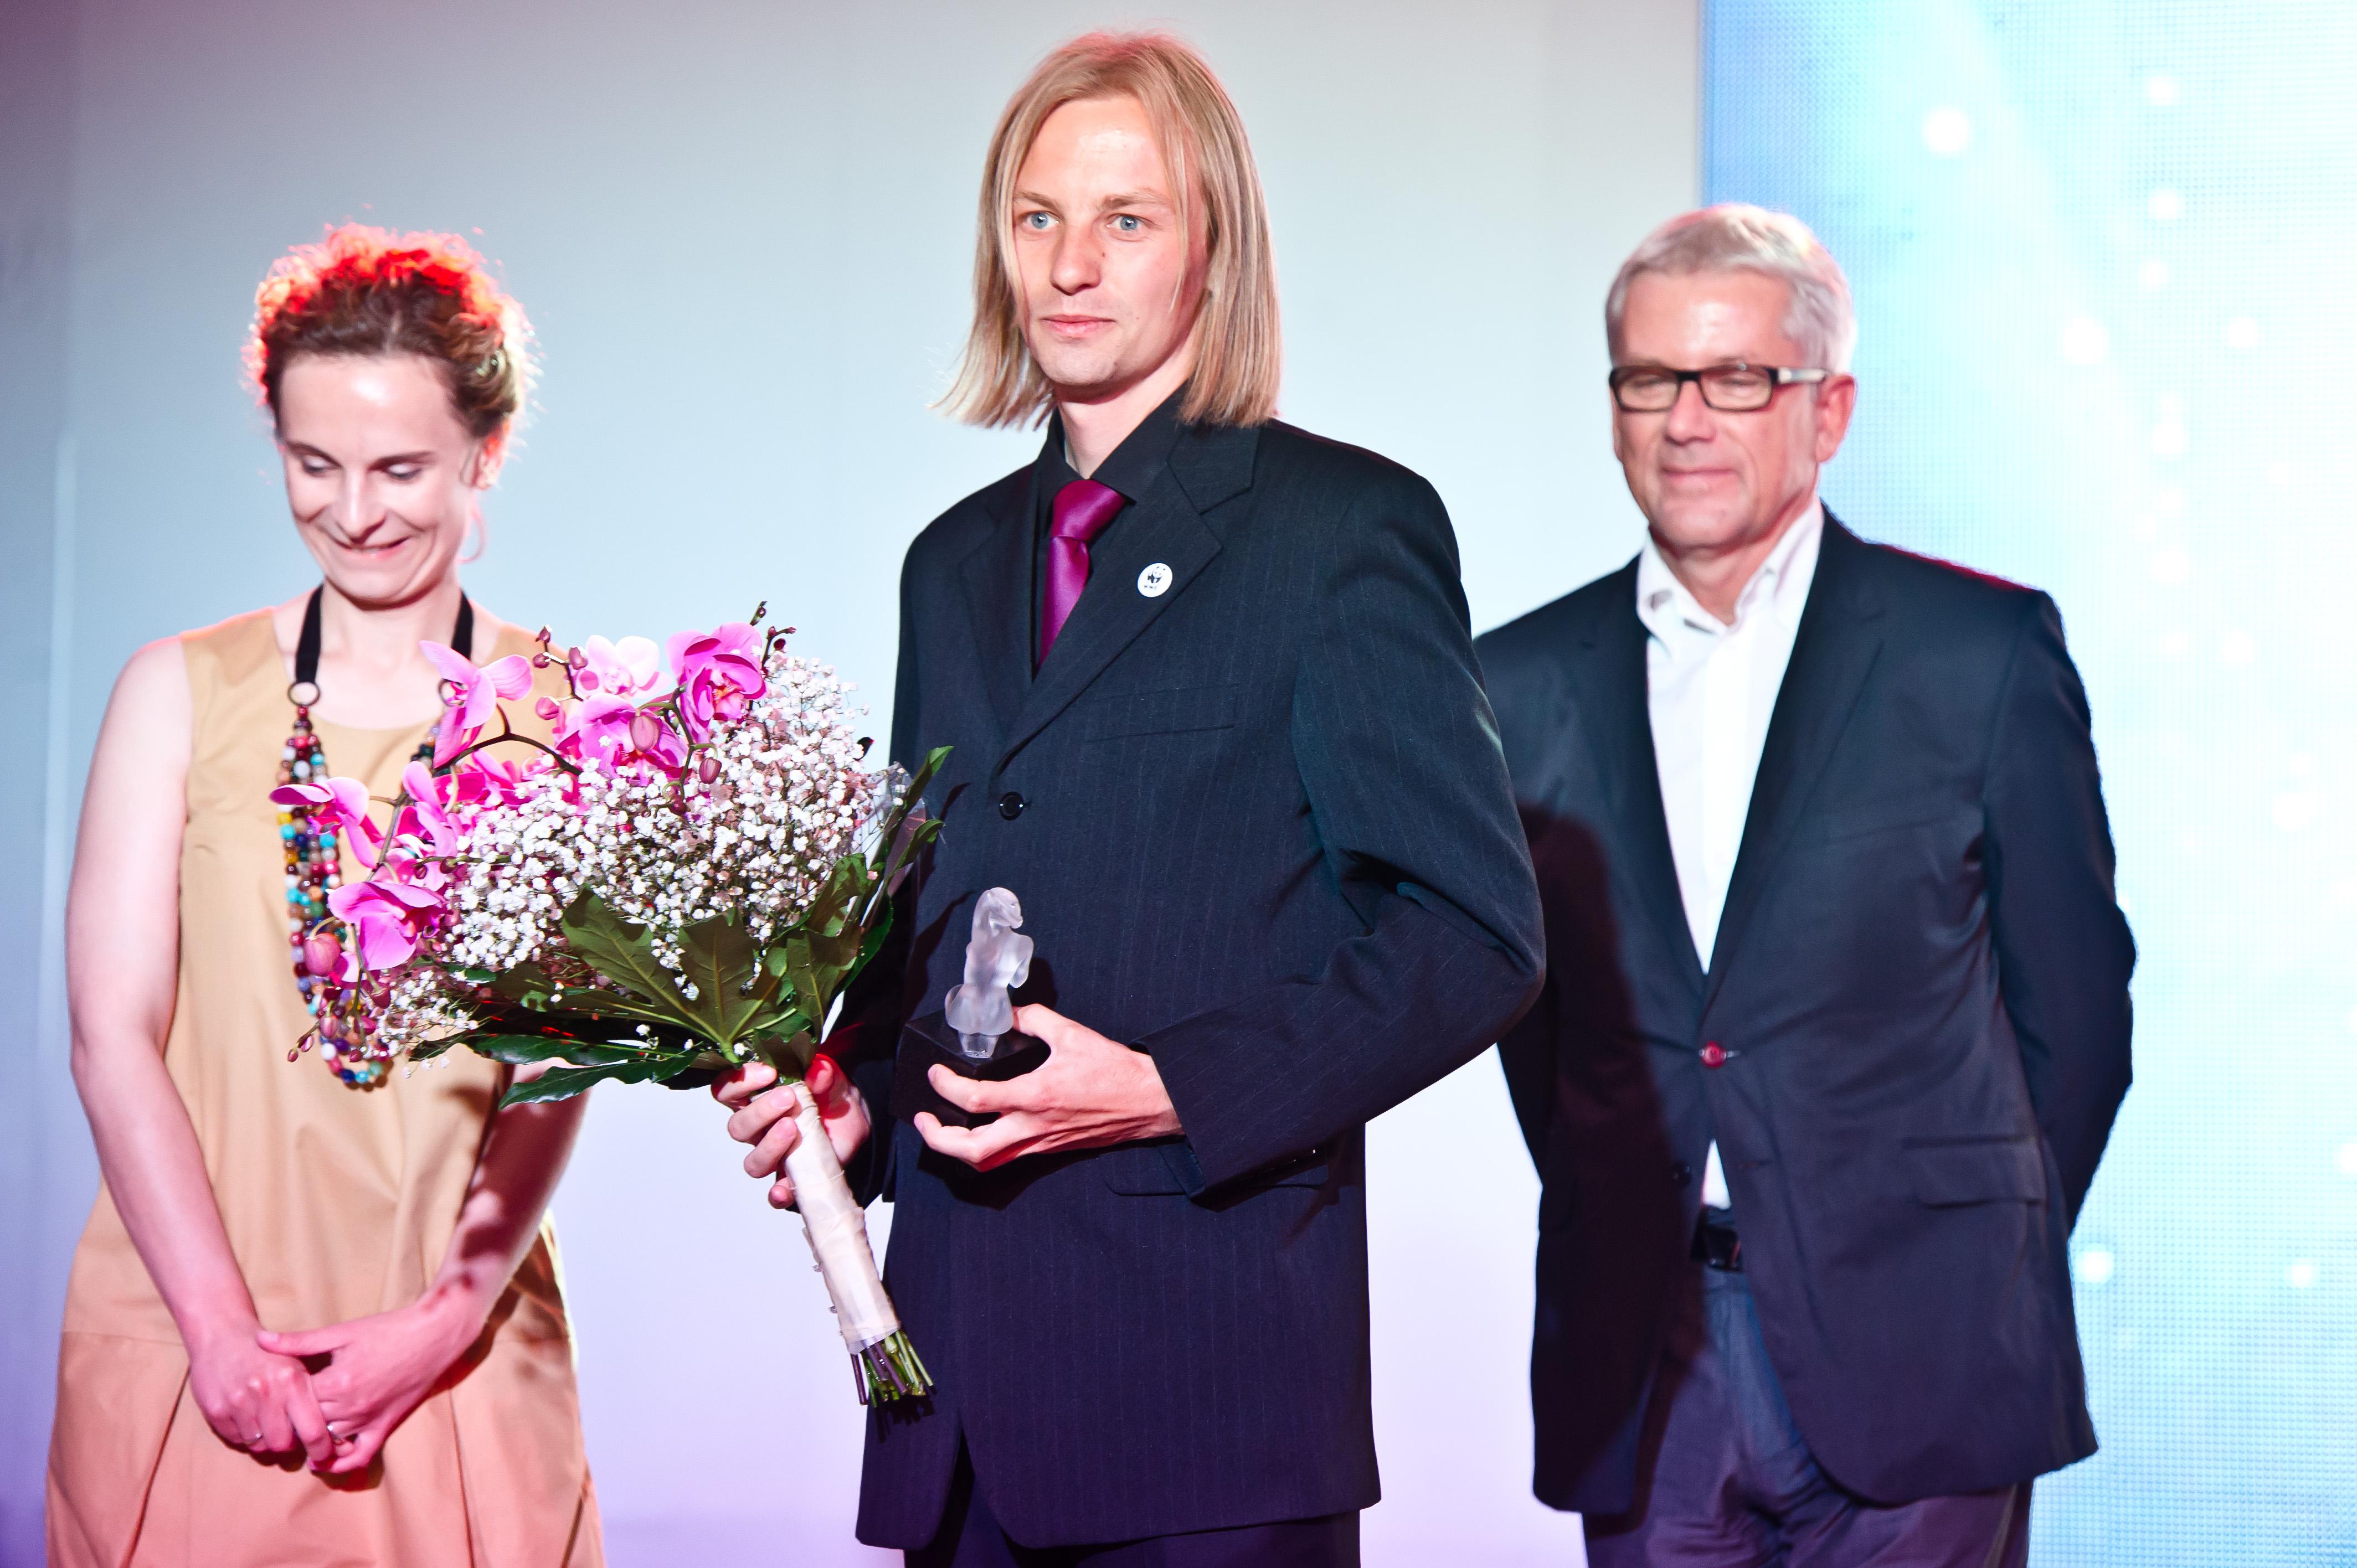 Archiwum Zwierciadło / Konrad Wrzecionkowski odbiera nagrodę